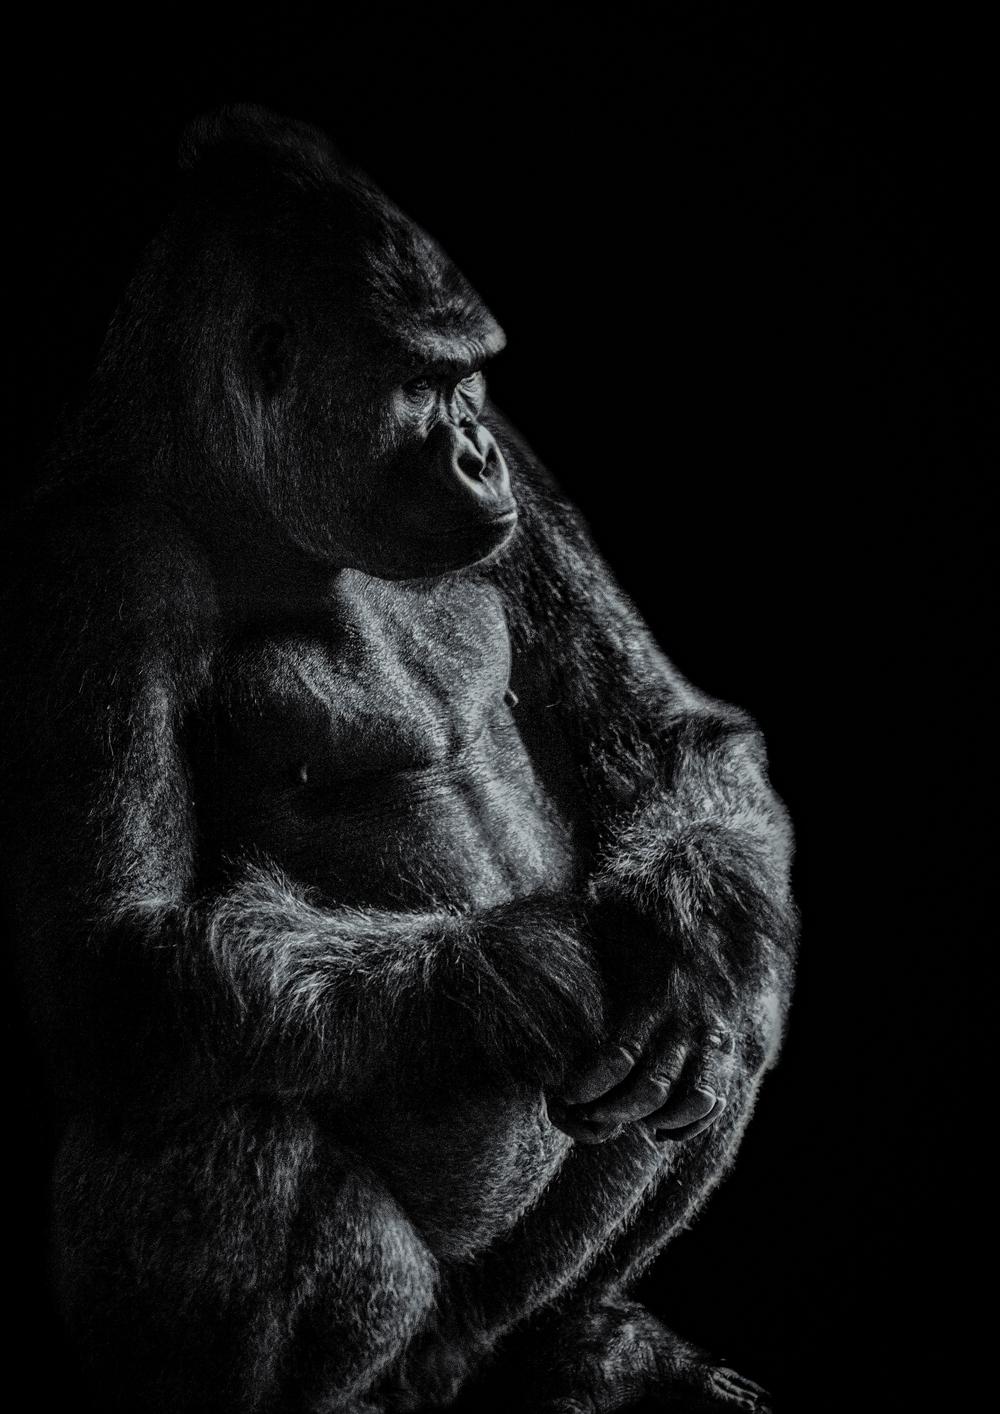 Gorilla sitting final website.jpg